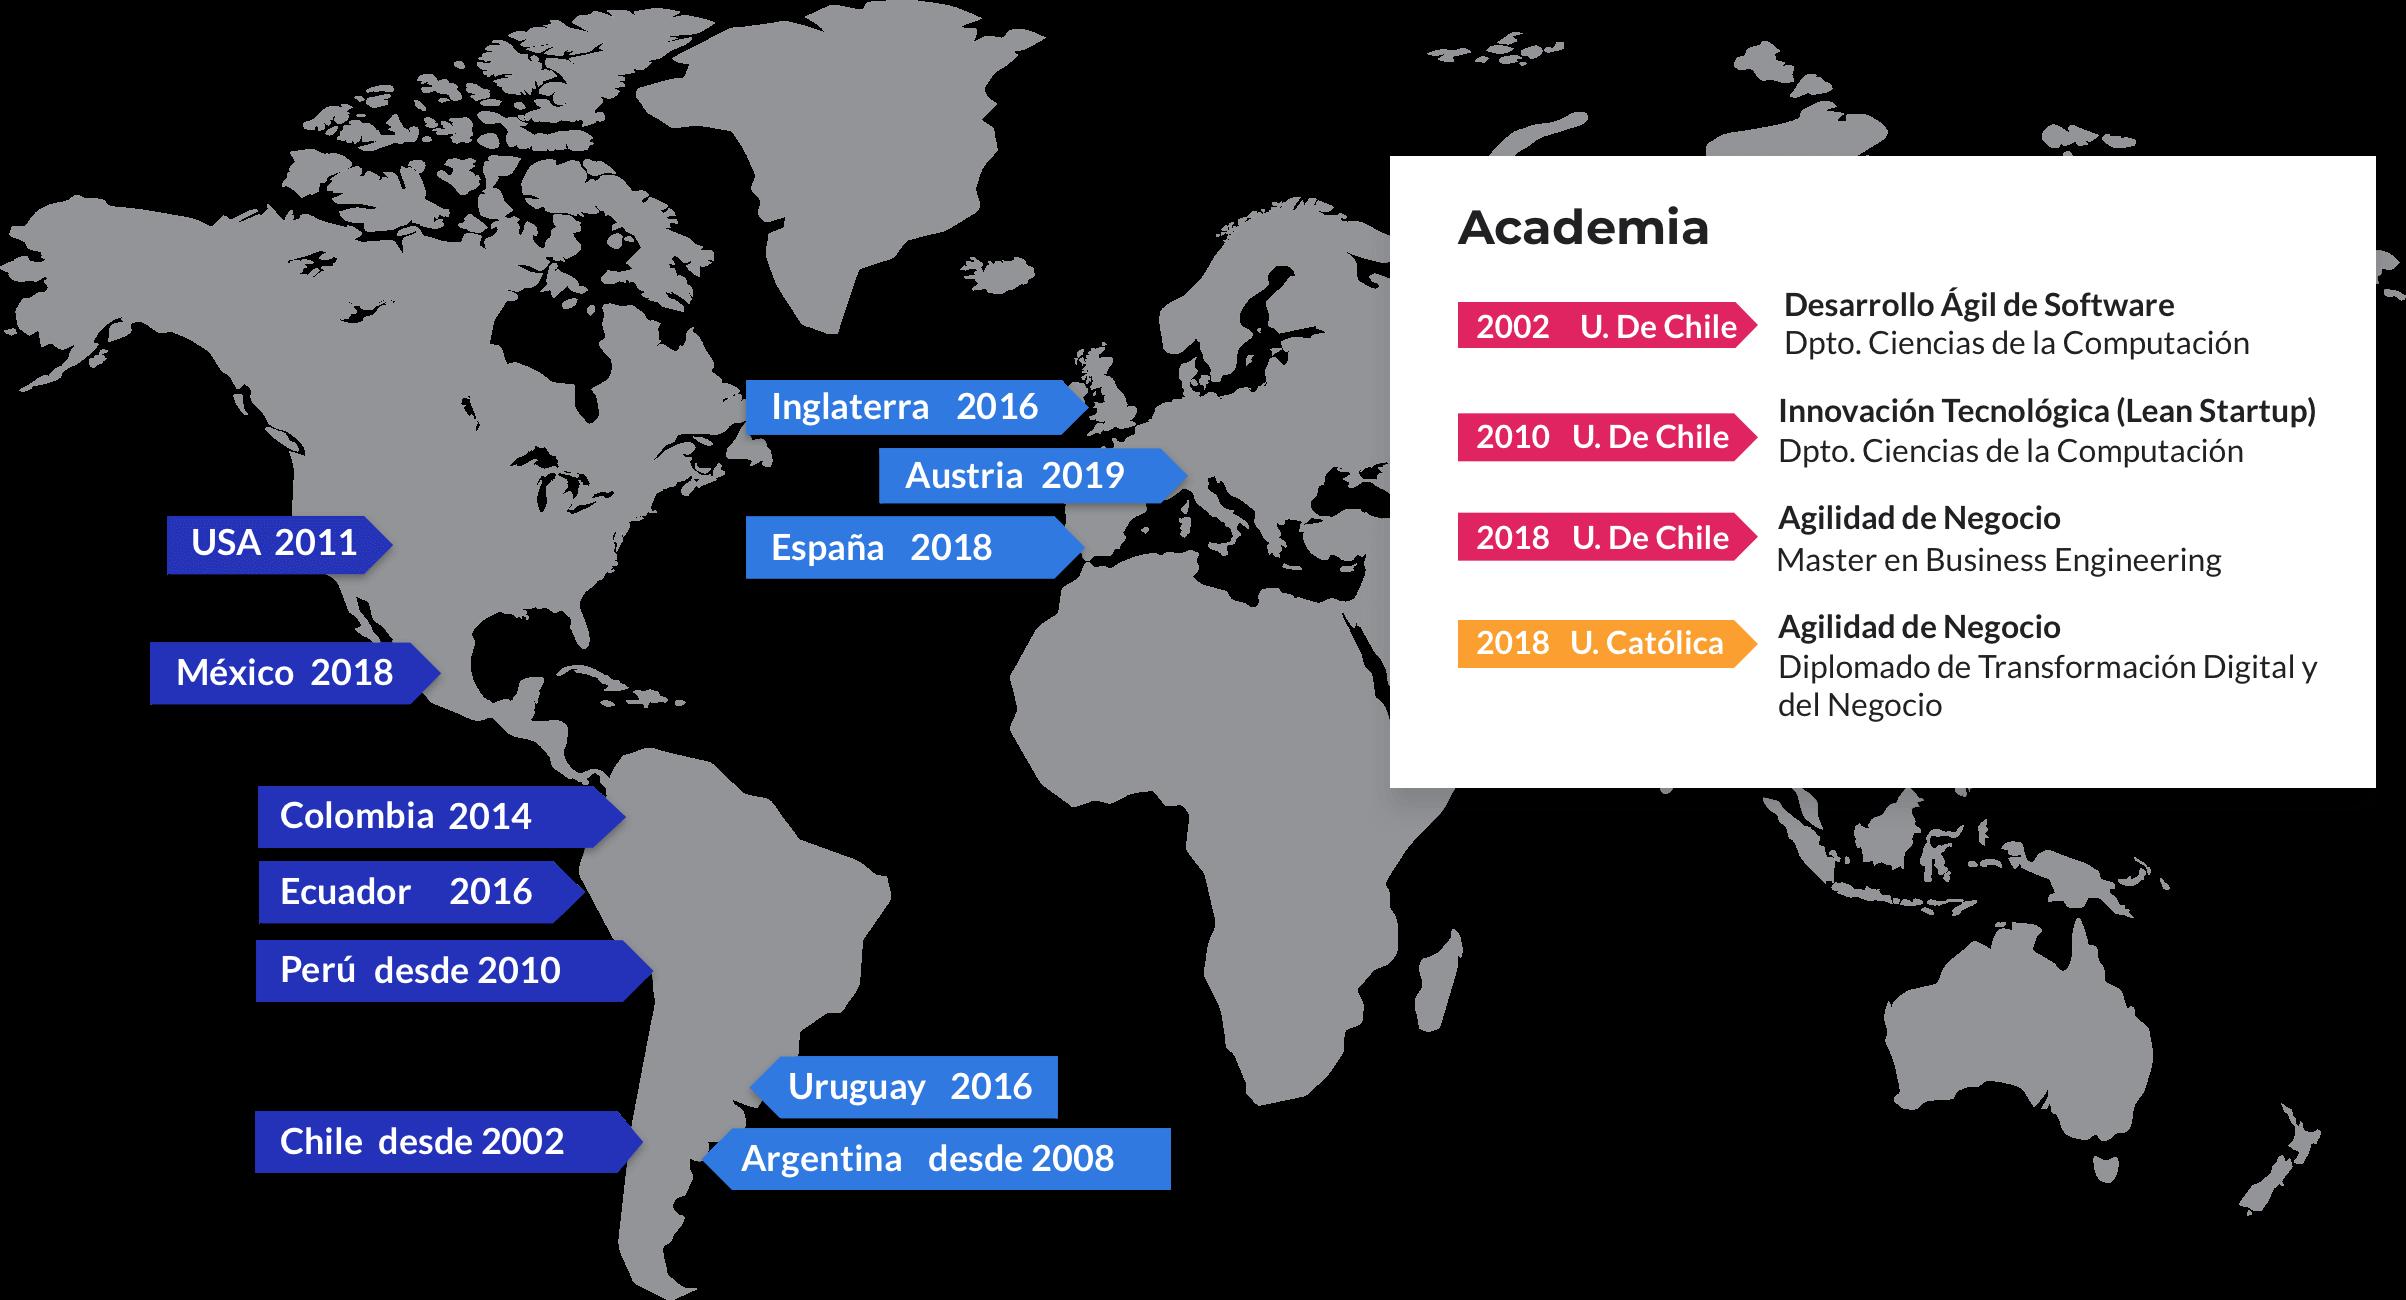 Mapa de reconocimientos a través del mundo de Leansight